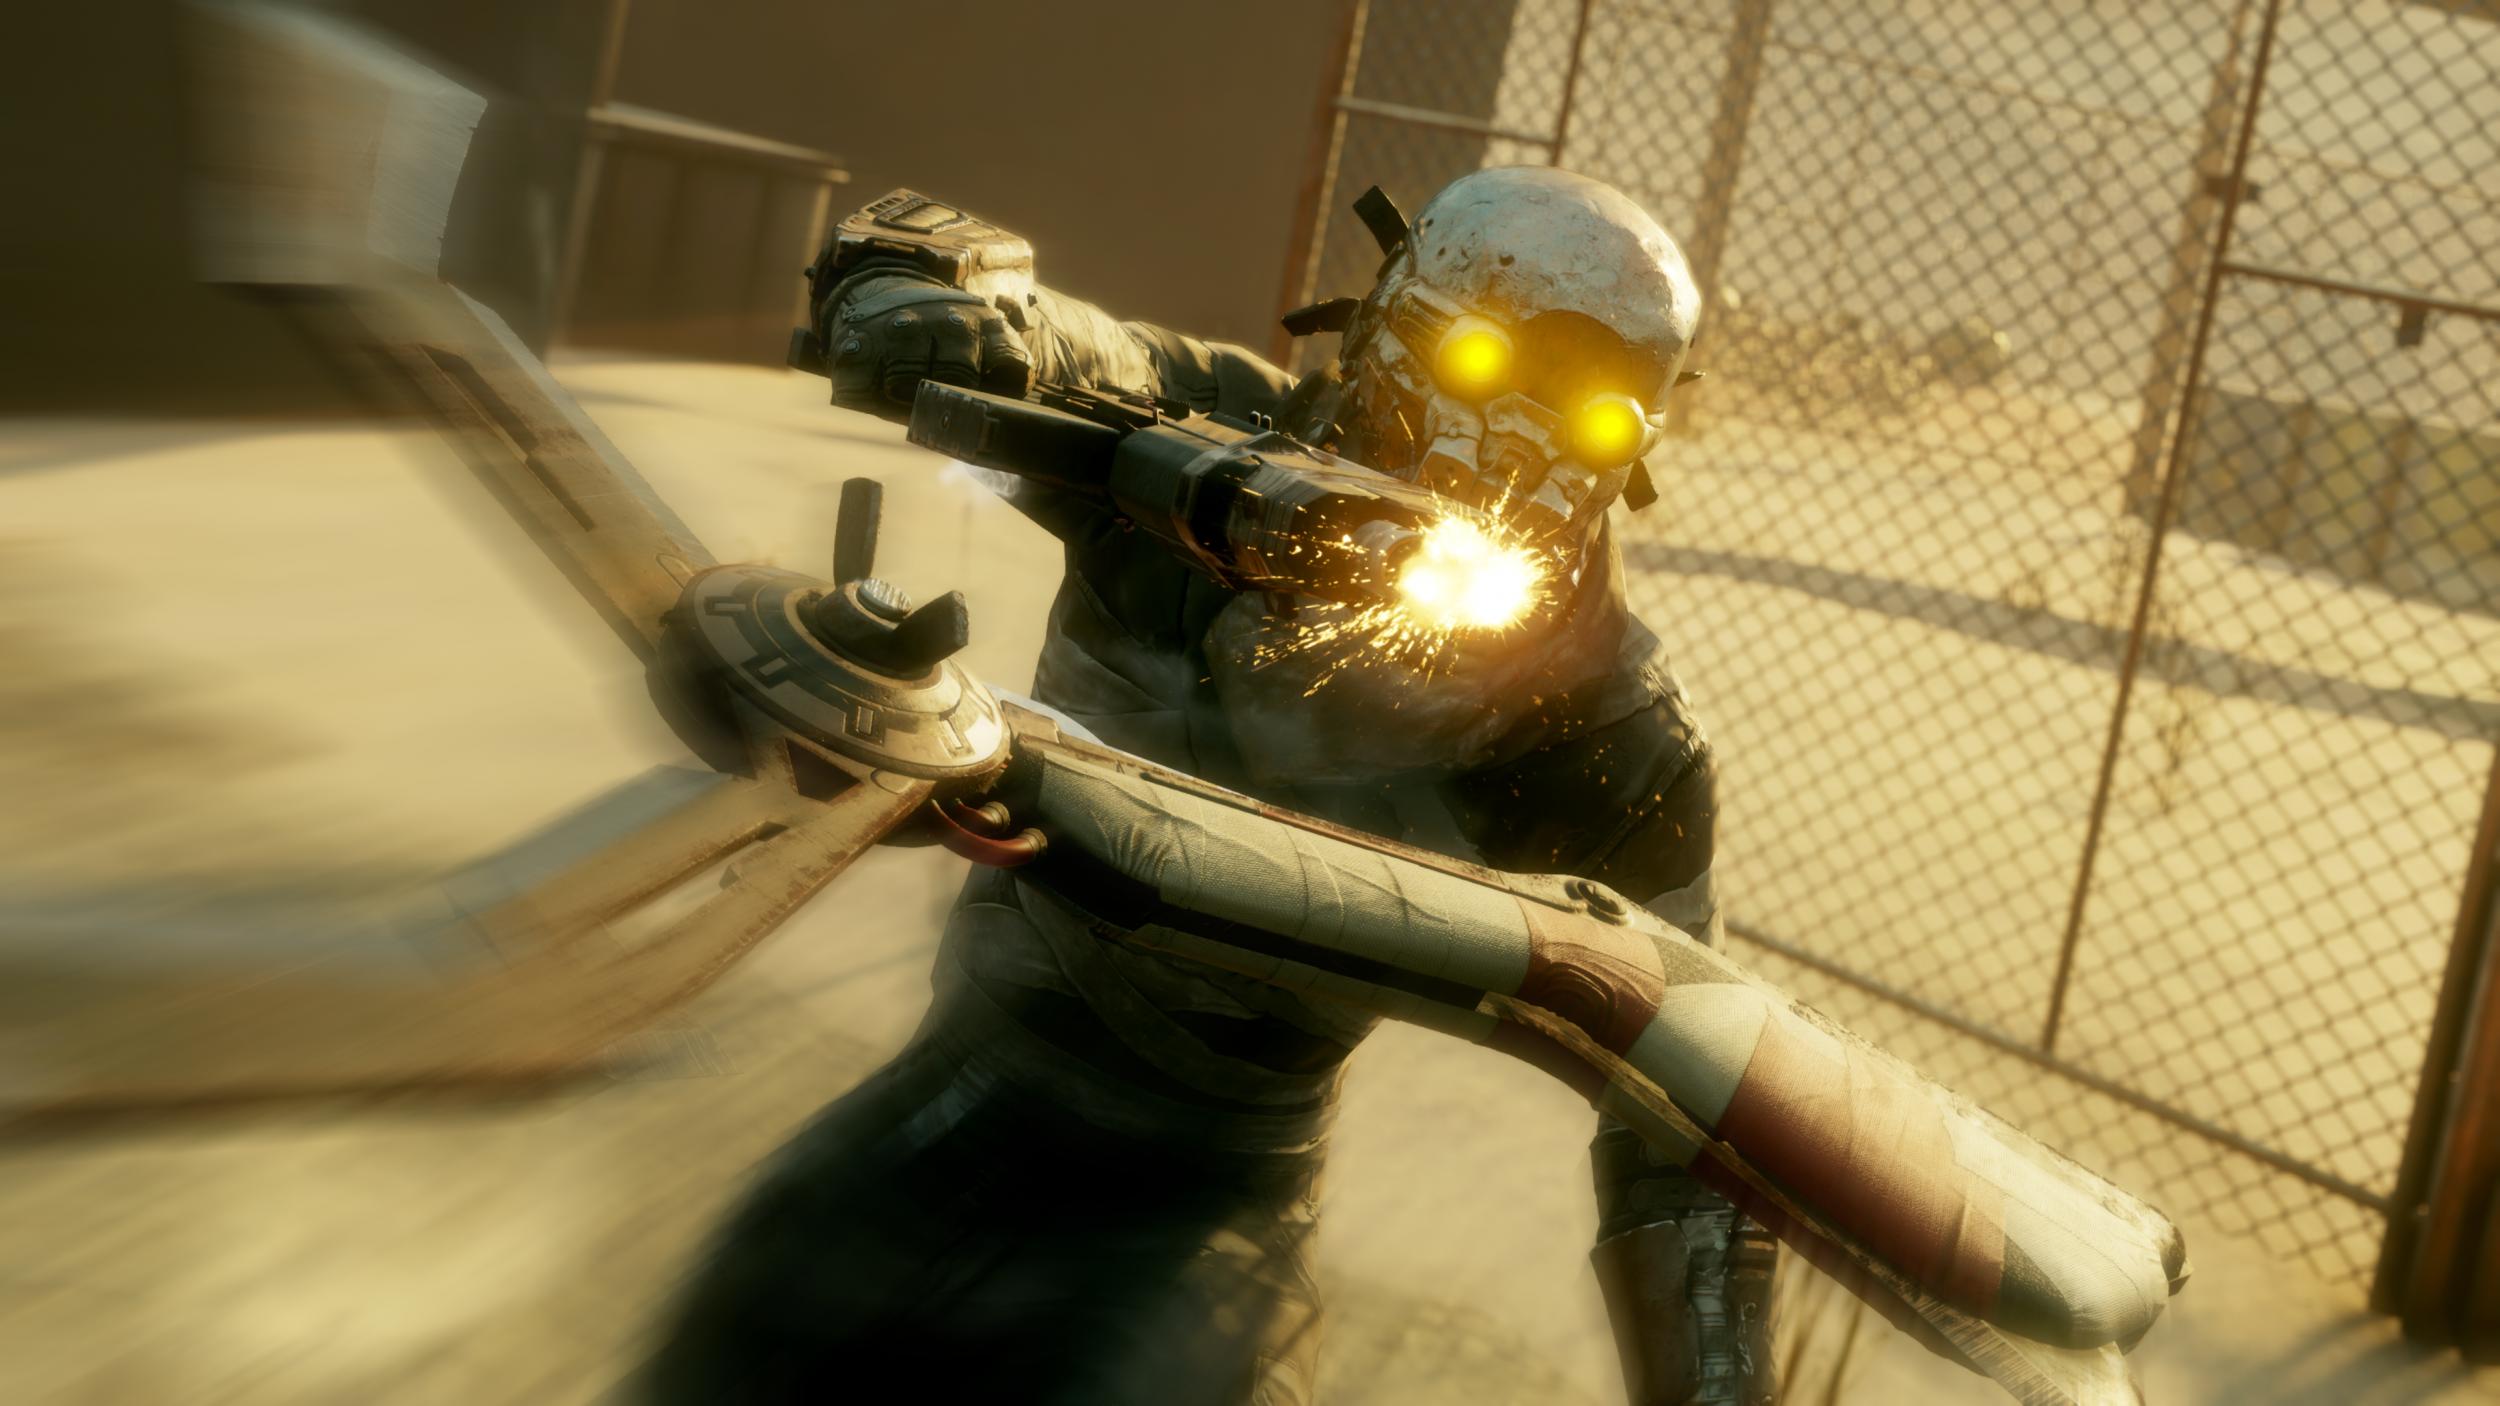 Rage 2' BFG Location - Where to Find & How to Get the Bonus Gun